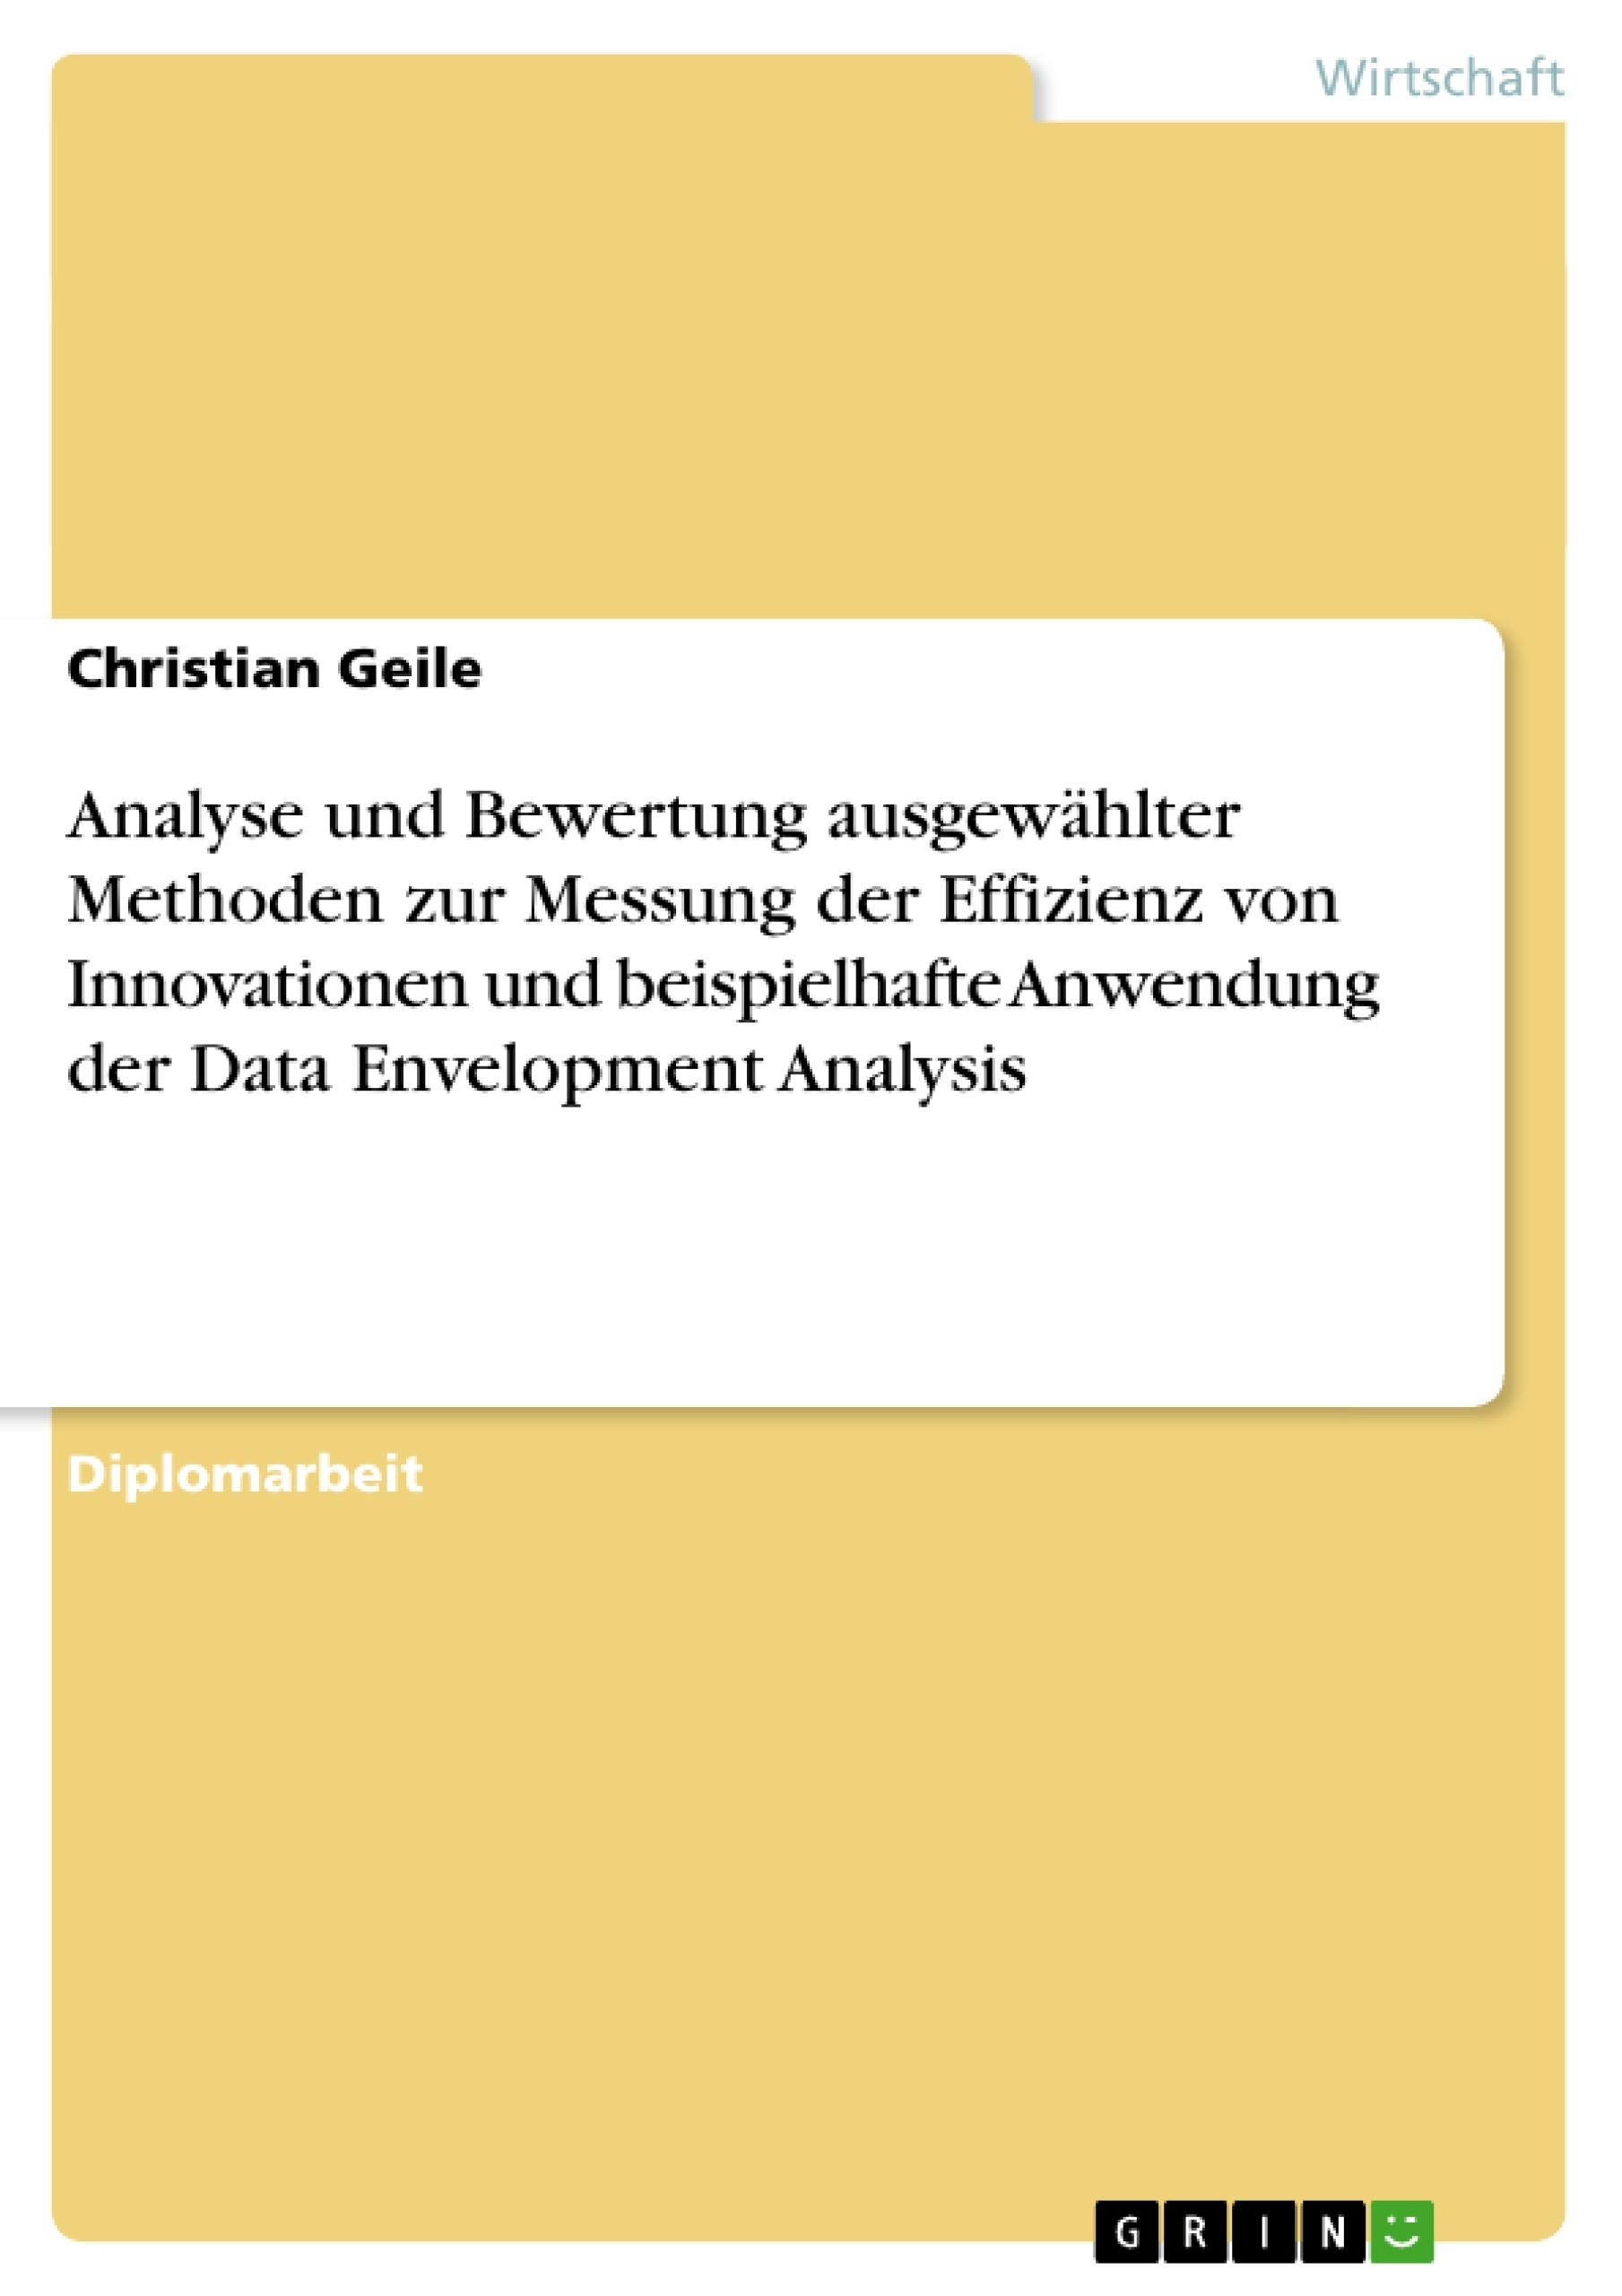 Titel: Analyse und Bewertung ausgewählter Methoden zur Messung der Effizienz von Innovationen und beispielhafte Anwendung der Data Envelopment Analysis